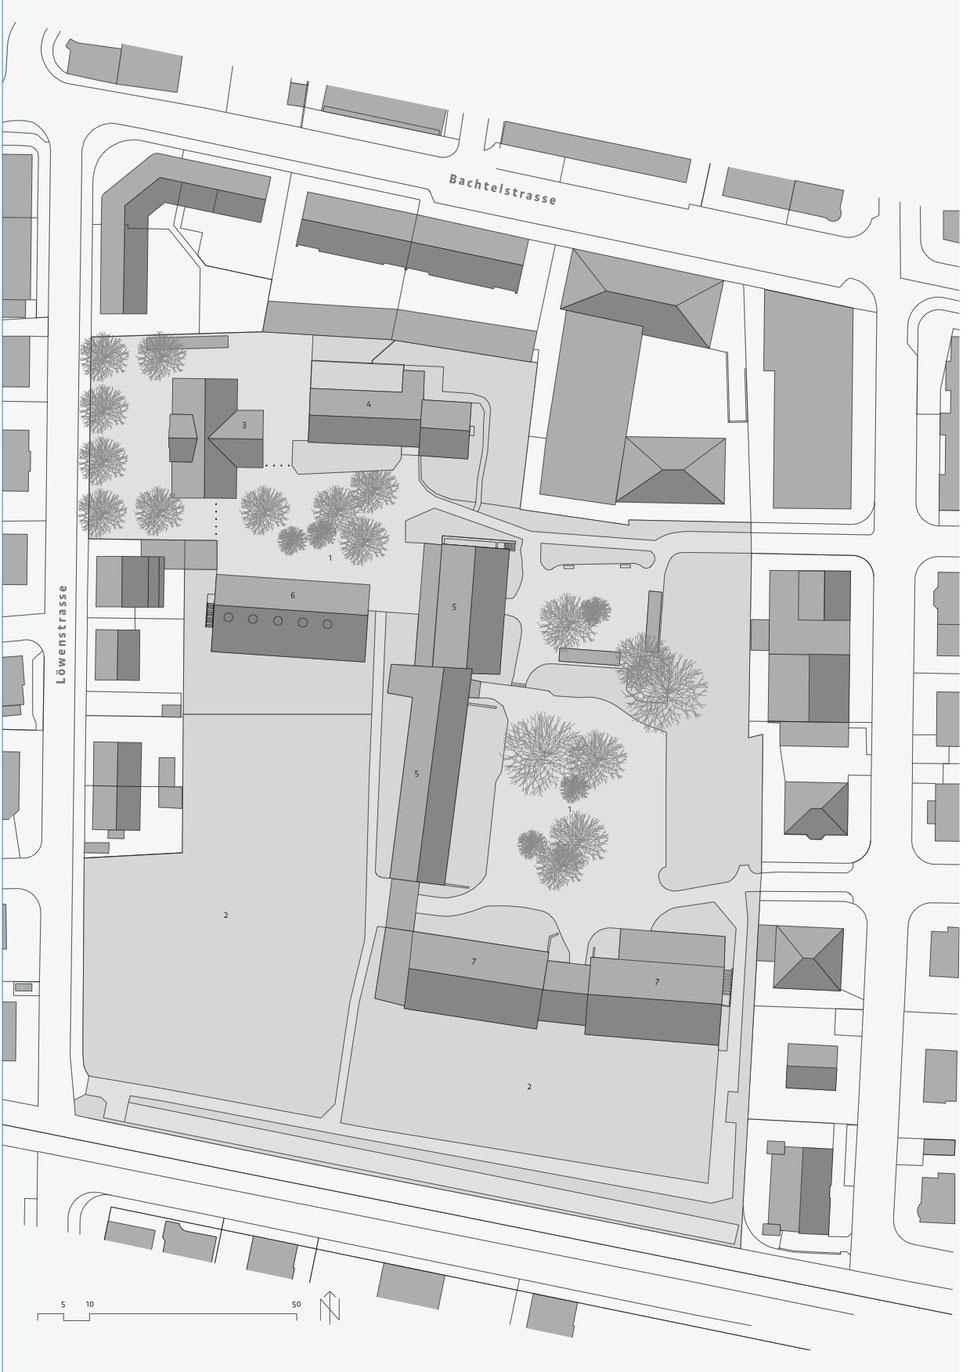 HoHopf & Wirth Architekten ETH HTL SIA Winterthur, Neubau Erweiterung / Umbau Schulanlage Feld, Winterthur